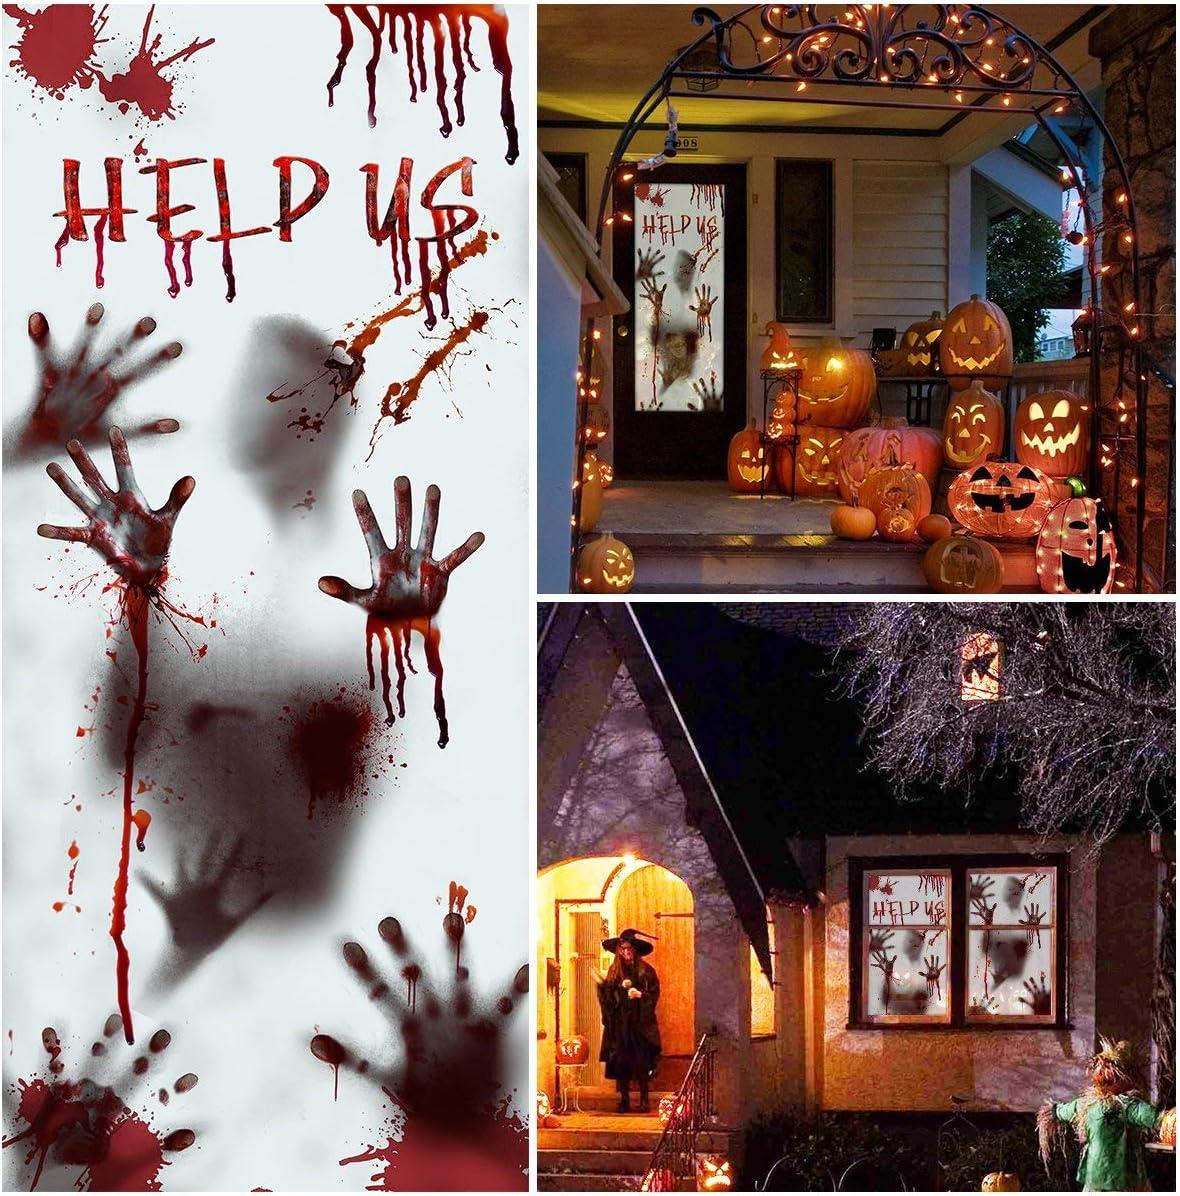 Halloween Door Stickers Halloween Window Door Clings for Halloween Decorations, Scary Bloody Handprint